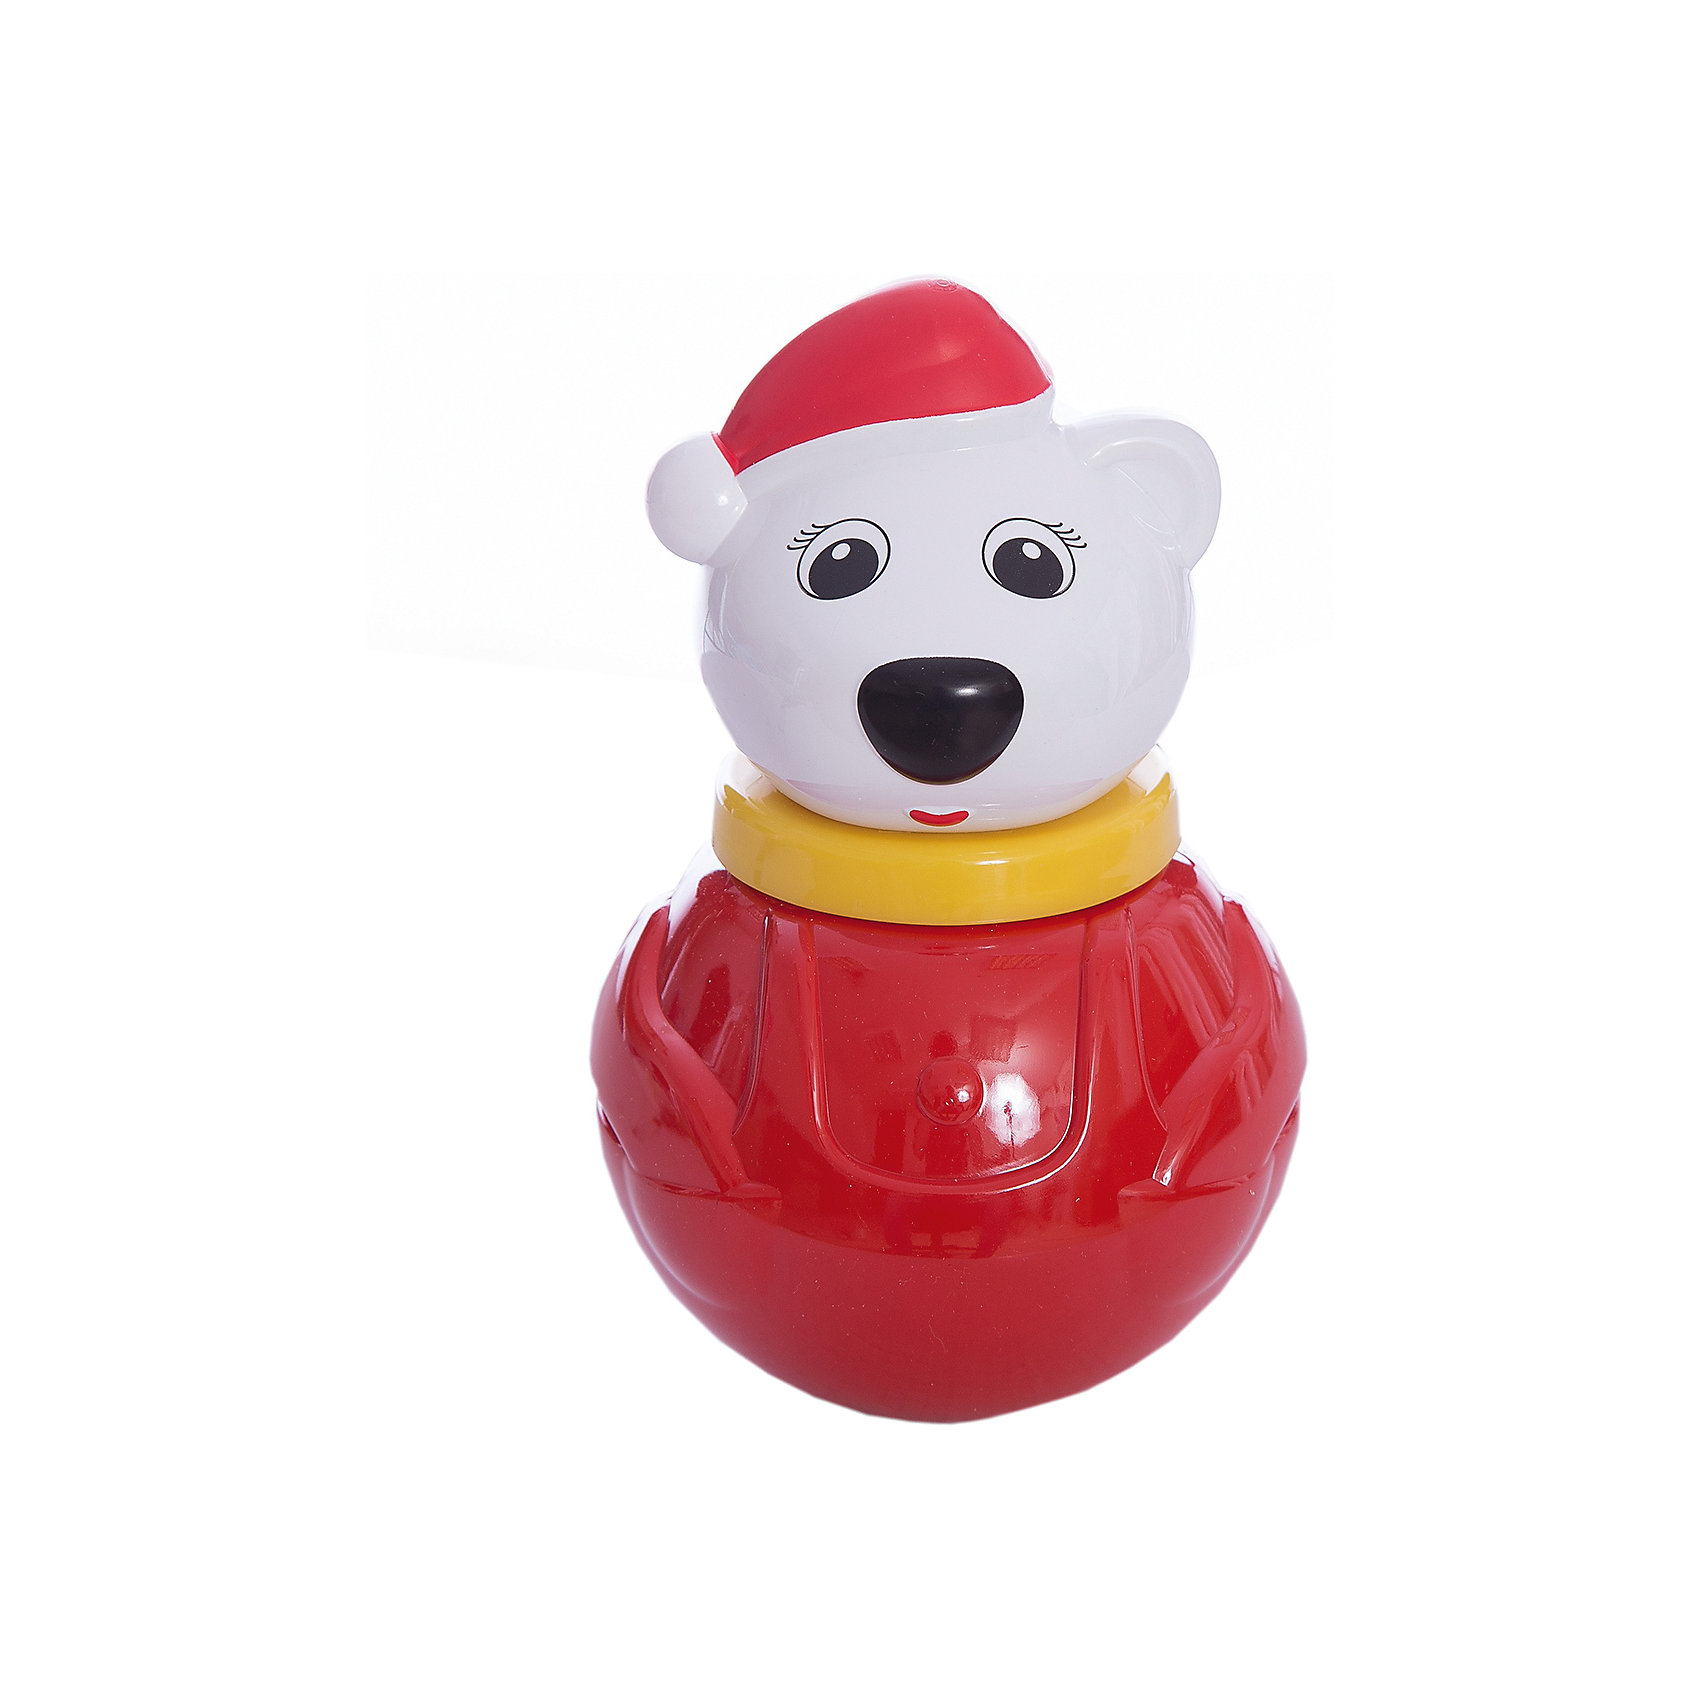 Стеллар Неваляшка  малая Белый медведь-2 коробкаИгрушки для малышей<br>Стеллар Неваляшка малая Белый медведь-2 коробка<br><br>Характеристики:<br><br>• Материал: пластик<br>• Размер: 10х16х10 см<br>• Возраст: от 6 месяцев<br><br>Веселая неваляшка медвежонок развеселит малыша. Как только ребенок начнет укладывать игрушку, она тут же встанет. Яркая расцветка не тускнеет, а качественный материал очень крепкий и полностью безопасен для детей. Миленькая мордочка медвежонка однозначно придется по душе, как девочкам, так и мальчикам.<br><br>Стеллар Неваляшка малая Белый медведь-2 коробка можно купить в нашем интернет-магазине.<br><br>Ширина мм: 115<br>Глубина мм: 115<br>Высота мм: 185<br>Вес г: 200<br>Возраст от месяцев: 24<br>Возраст до месяцев: 60<br>Пол: Унисекс<br>Возраст: Детский<br>SKU: 2407092